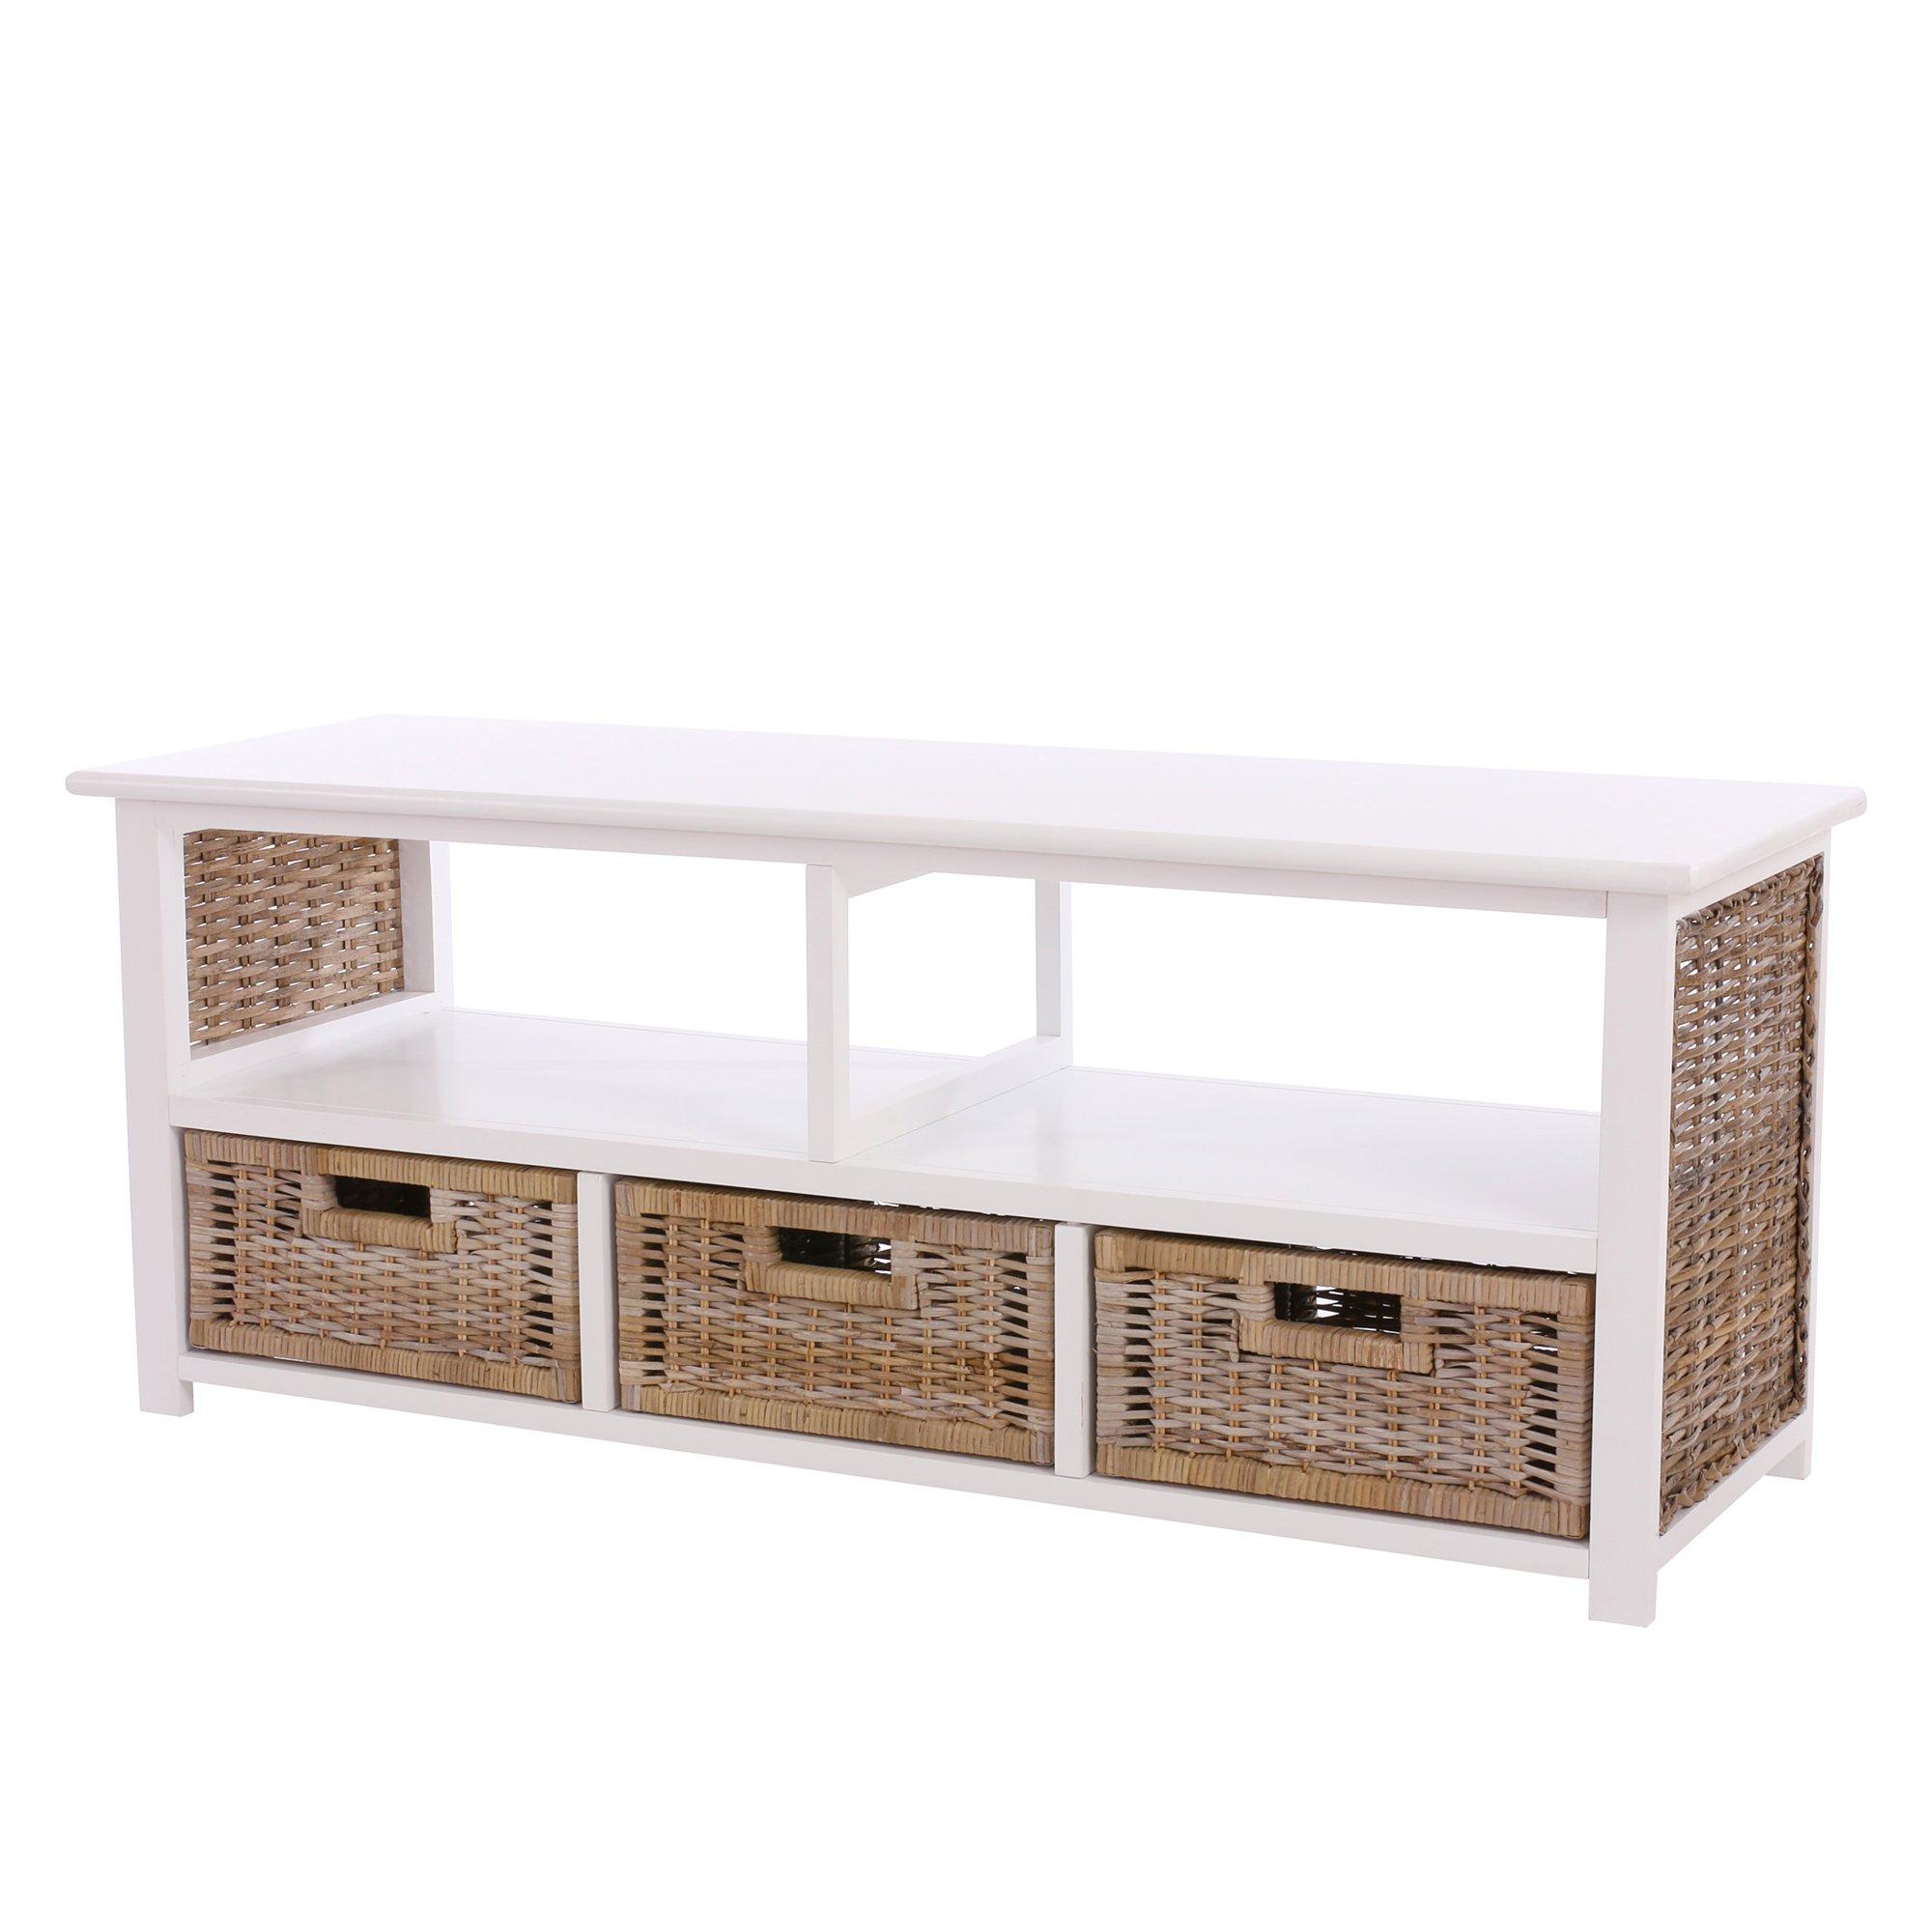 Mesa para tv de madera en color blanca y cestas de mimbre gran espacio - Mesa blanca y madera ...